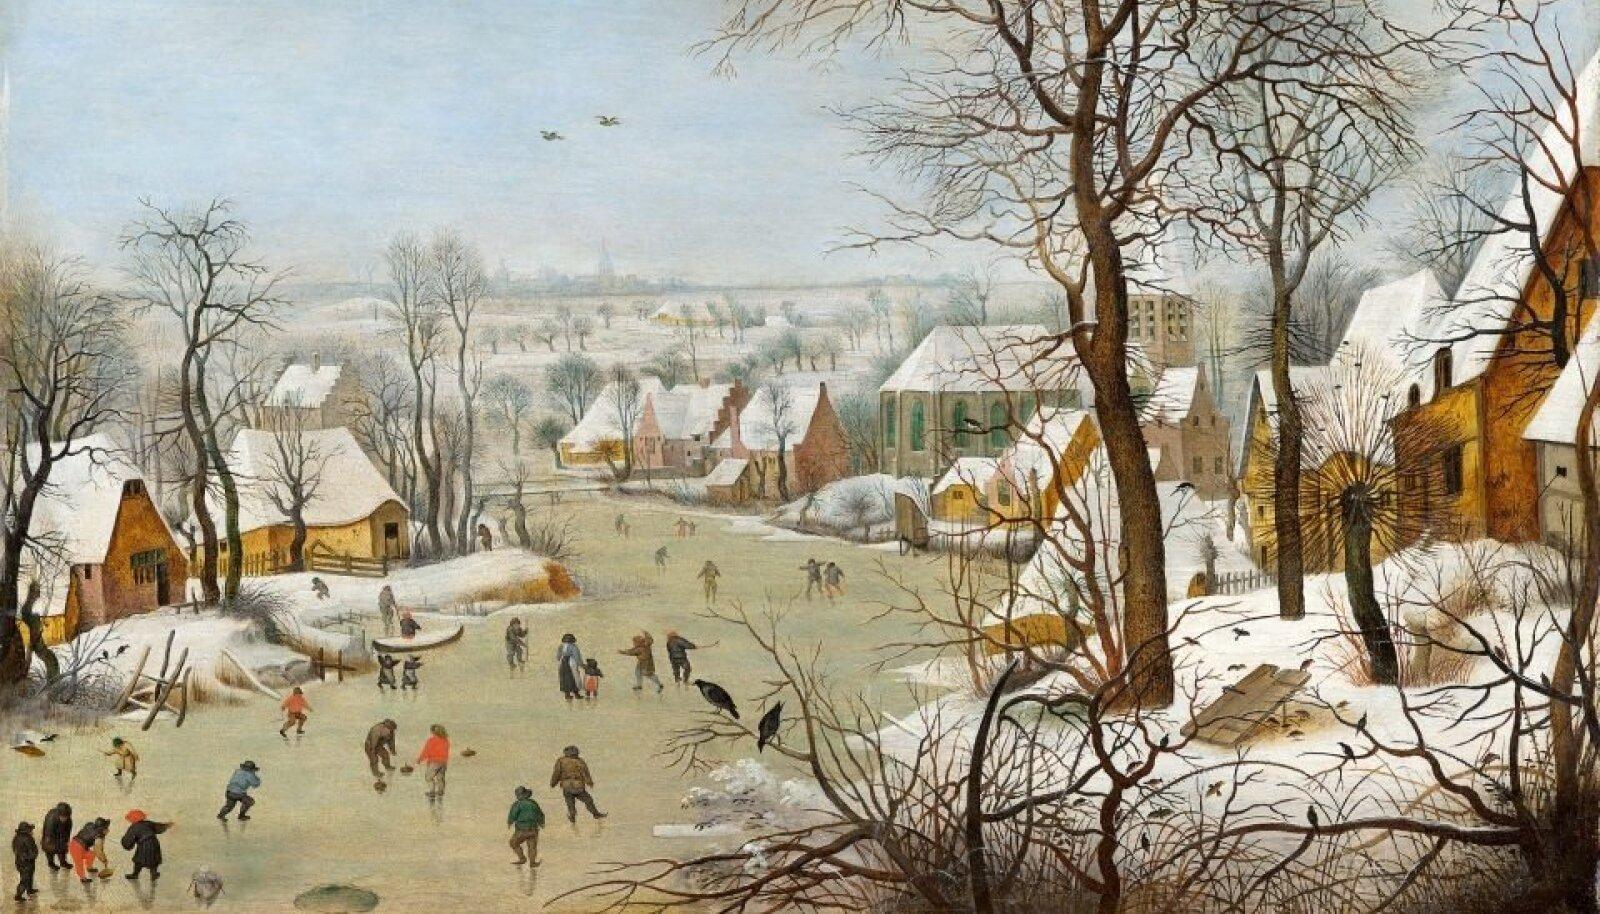 Mine tea, kuidas XVI saj elanud kunstnik Pieter Bruegel vanem Rakvere teatrimaja välisrõdult paistva XXI saj eesti väikelinna talve pildi sisse maalida oskas, aga nii see on.